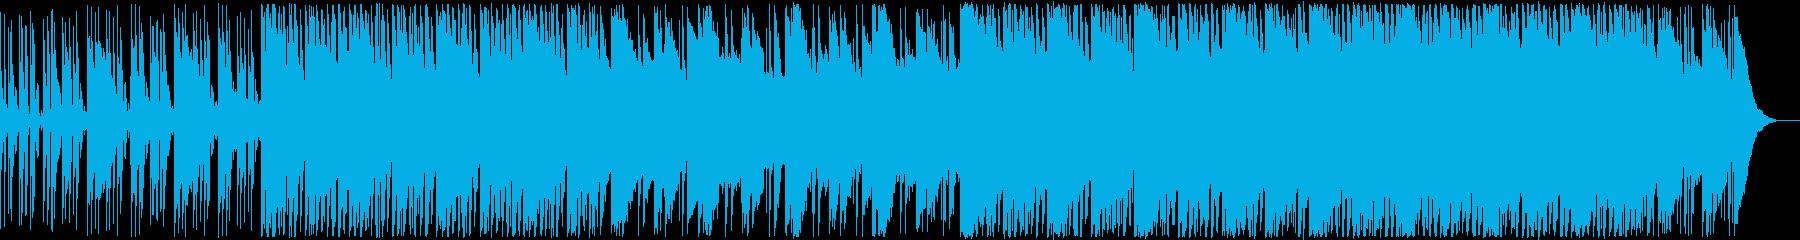 動画 勝利者 楽しげ ハイテク ア...の再生済みの波形